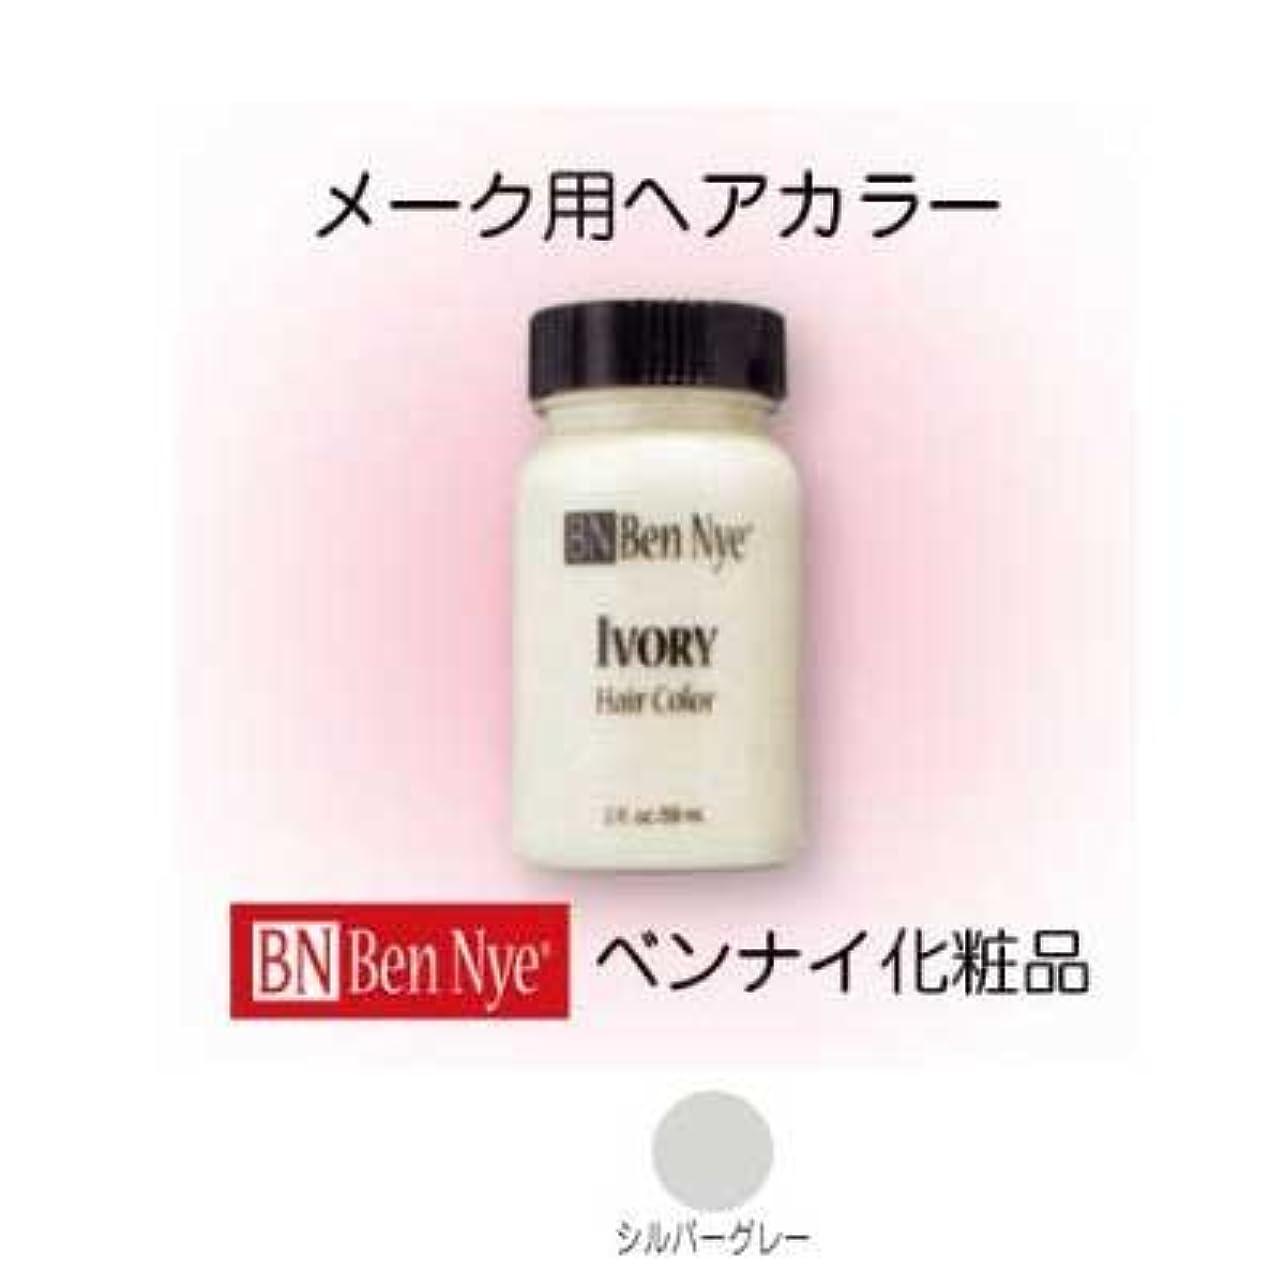 リズムコマンド申請者リキッドヘアーカラー シルバーグレー【ベンナイ化粧品】